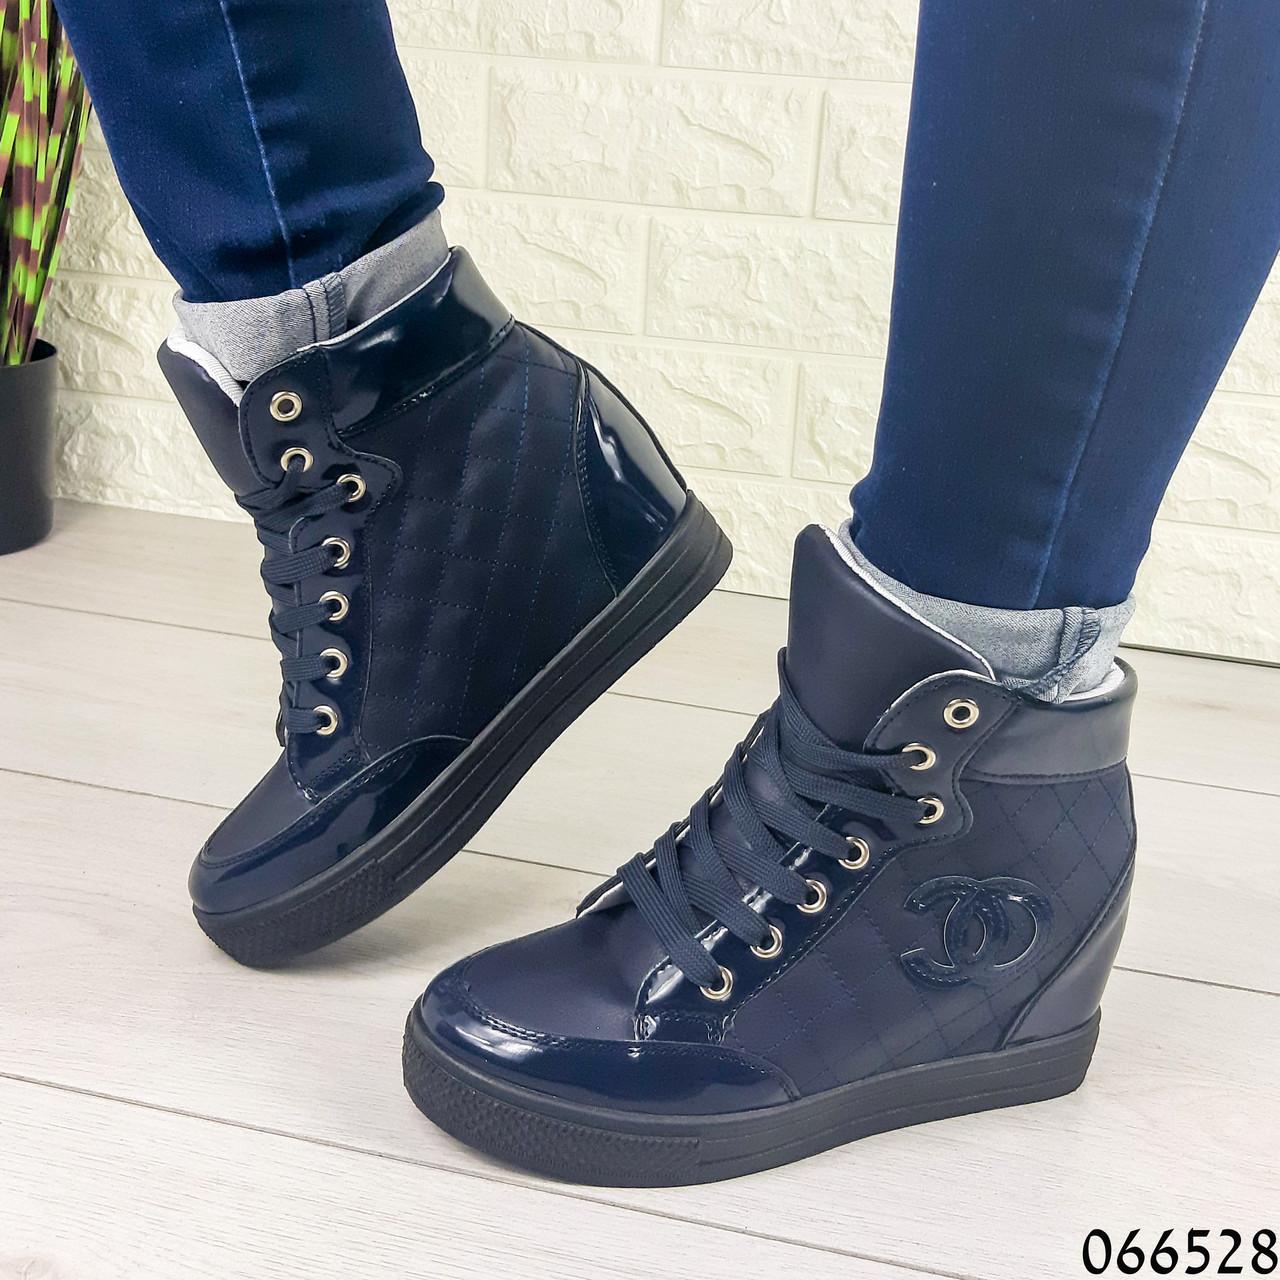 Женские ботинки демисезонные синие на танкетке из эко кожи + эко лак. Внутри текстильная подкладка